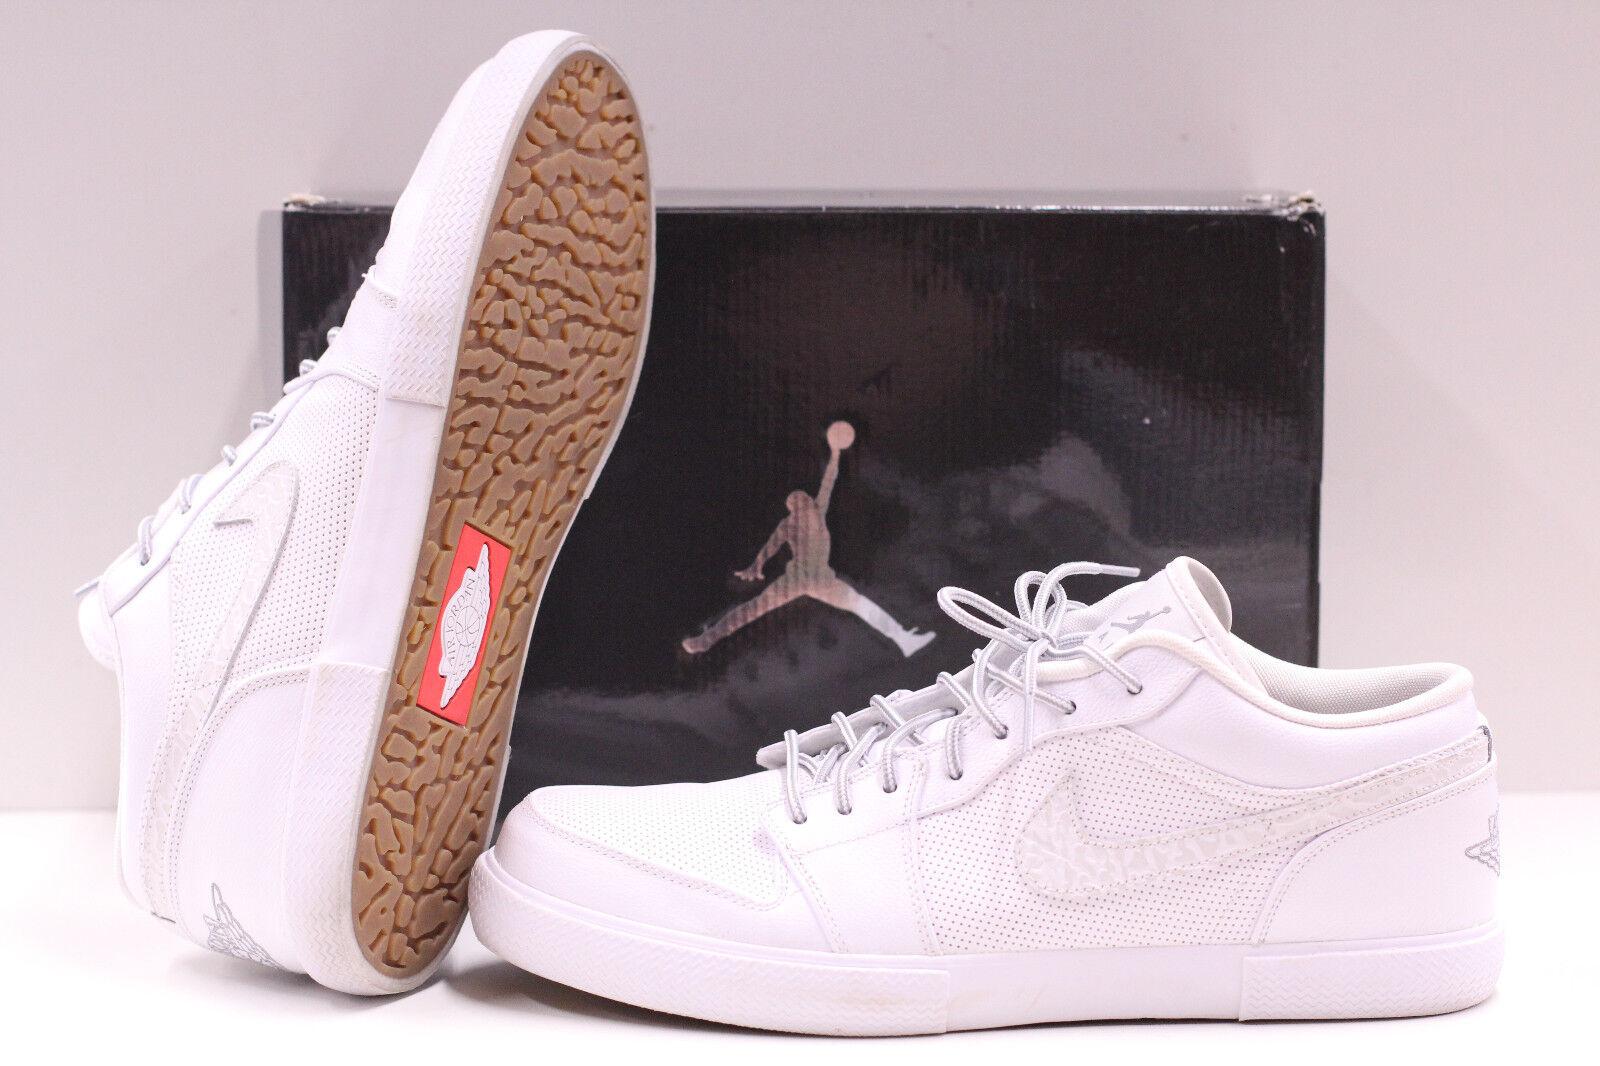 Männer - air jordan retro - v.1 weiße stealth - 481177 100 größe 13 basketball - schuhe